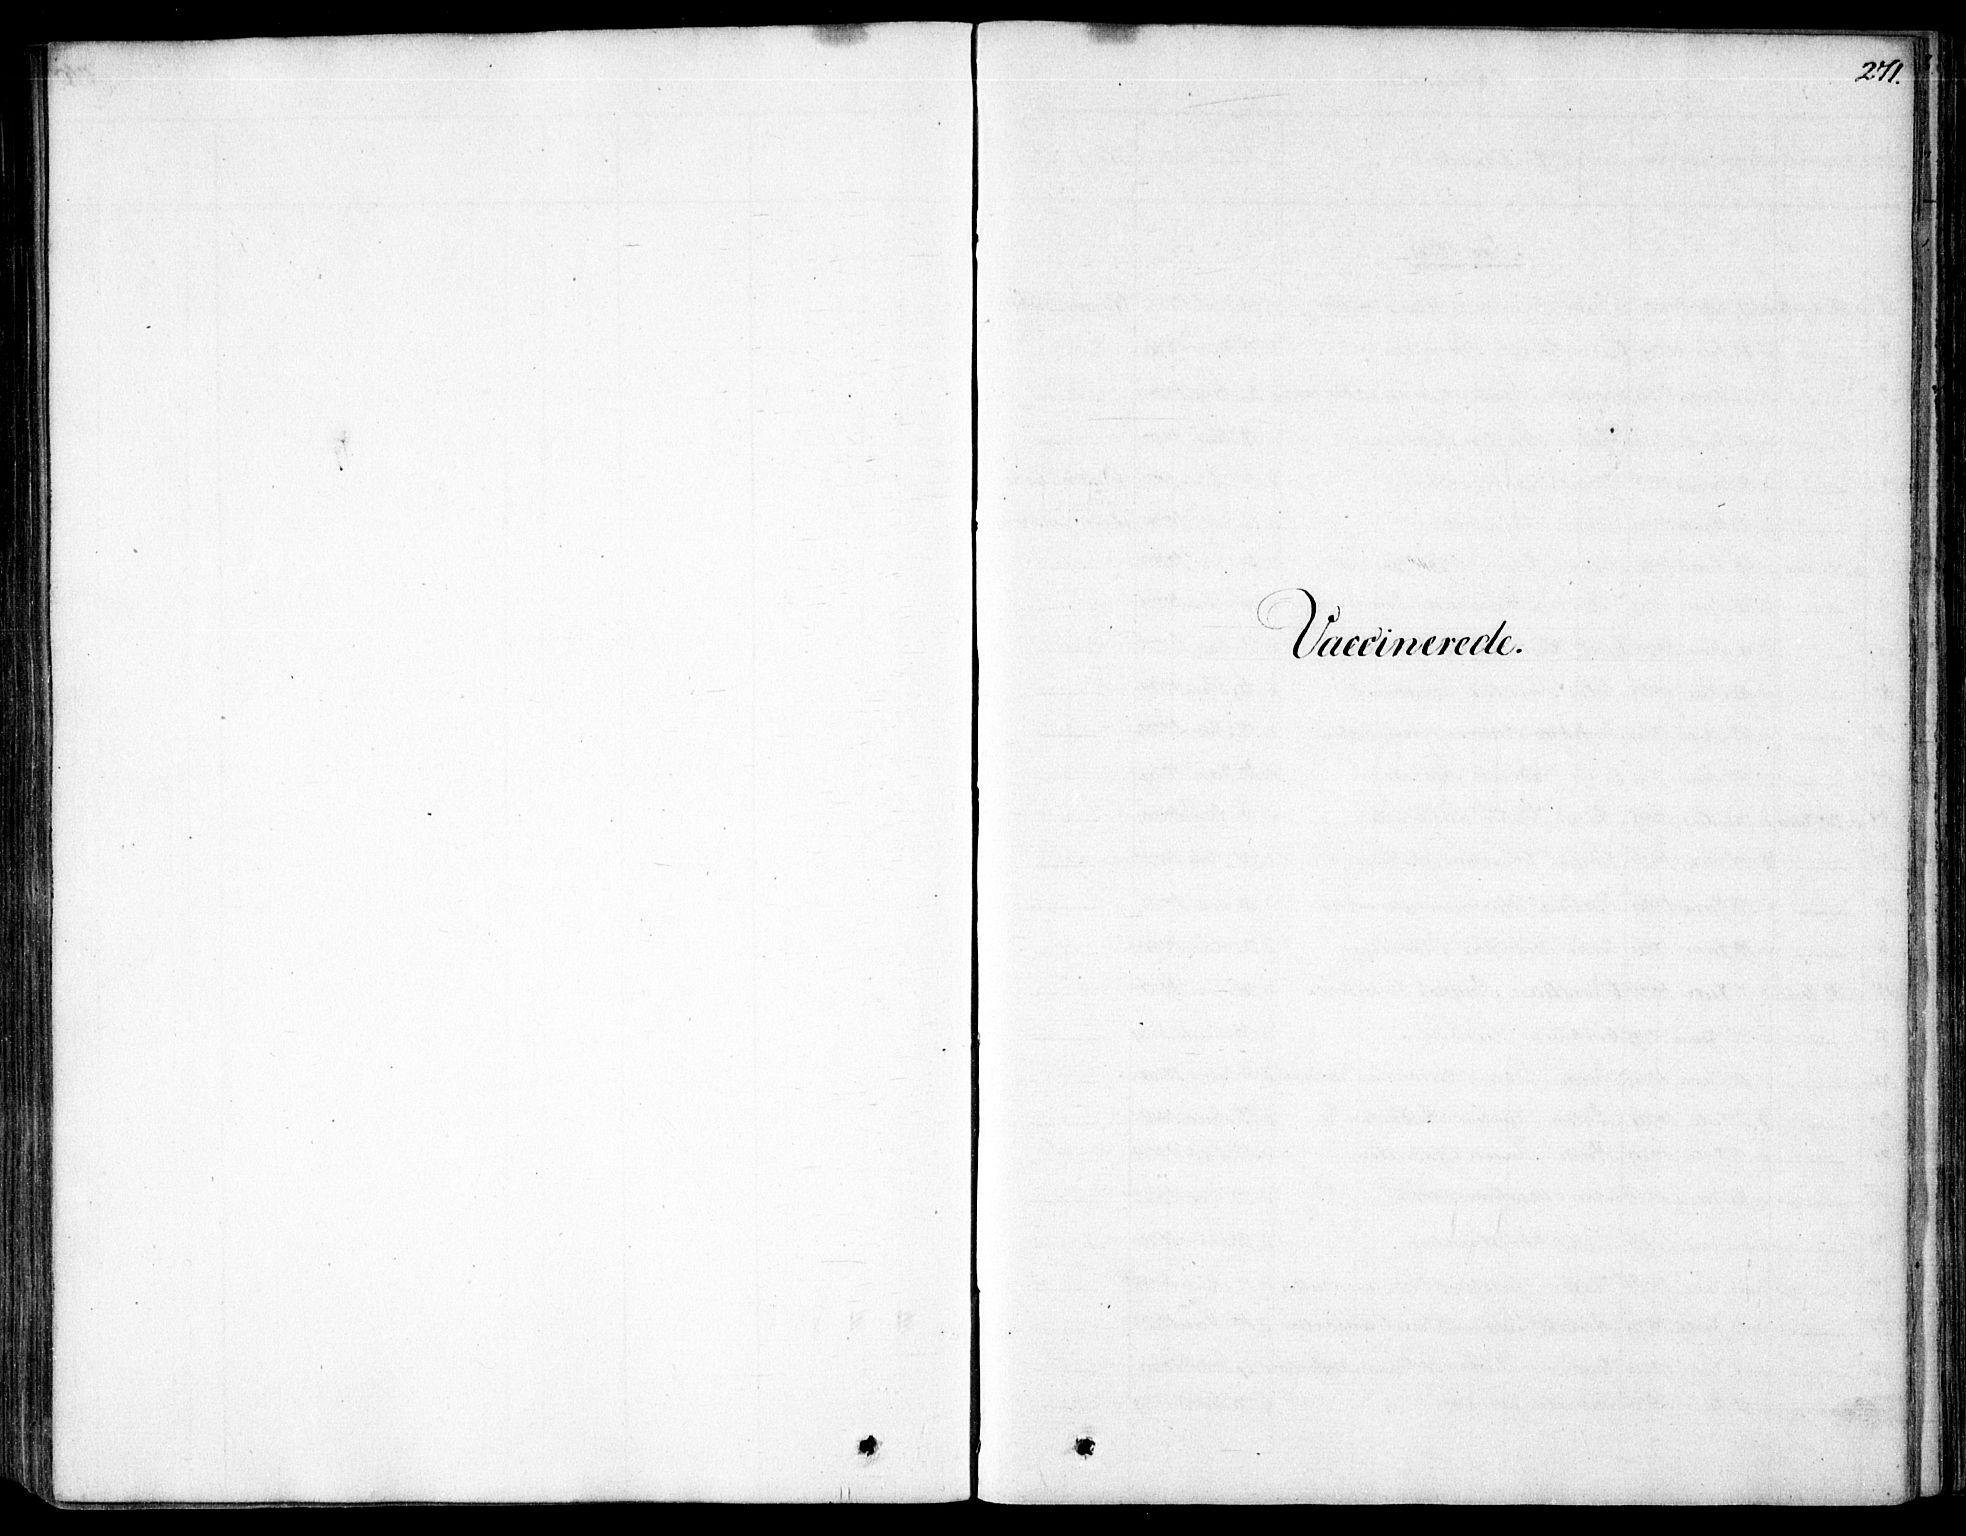 SAO, Garnisonsmenigheten Kirkebøker, F/Fa/L0007: Ministerialbok nr. 7, 1828-1881, s. 271